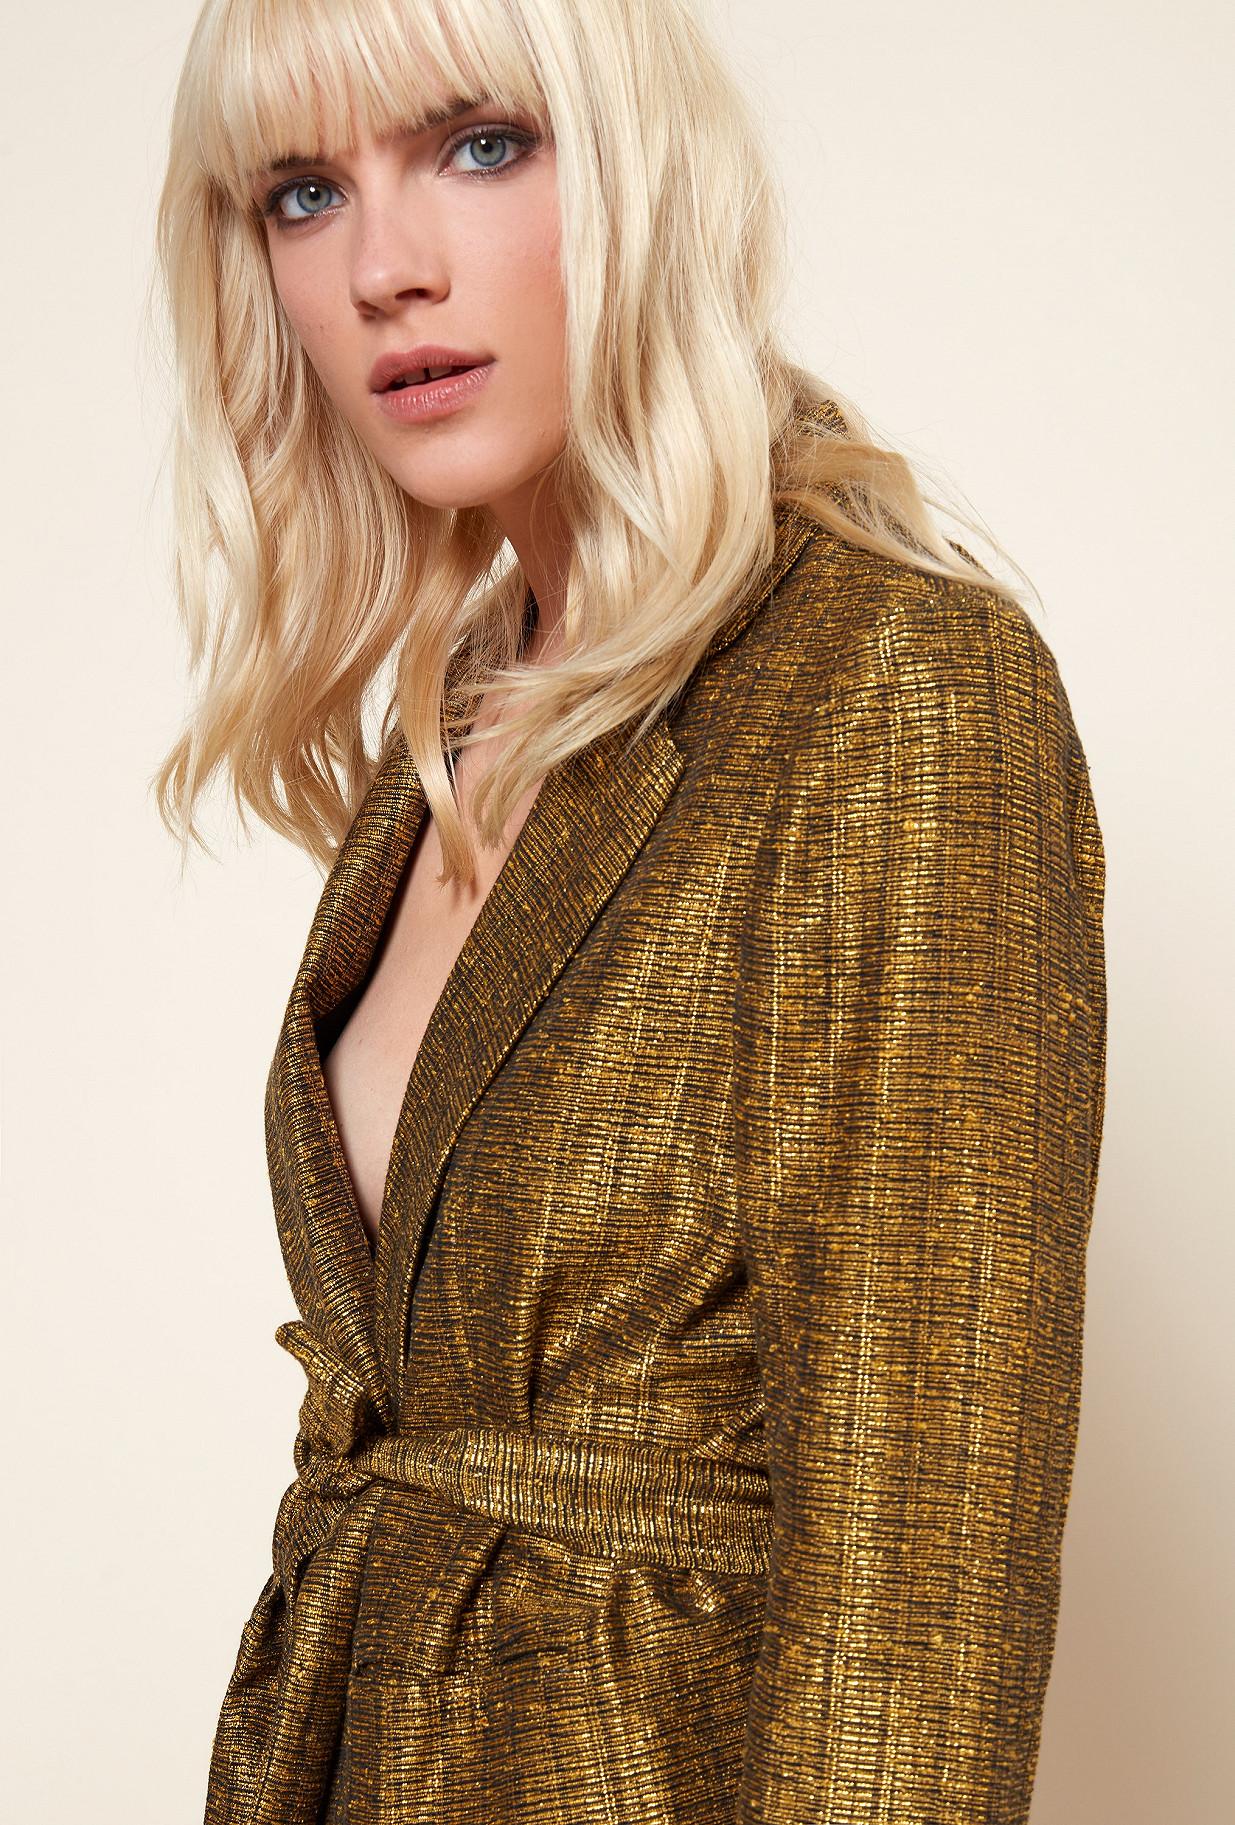 Paris boutique de mode vêtement VESTE créateur bohème  Sledge